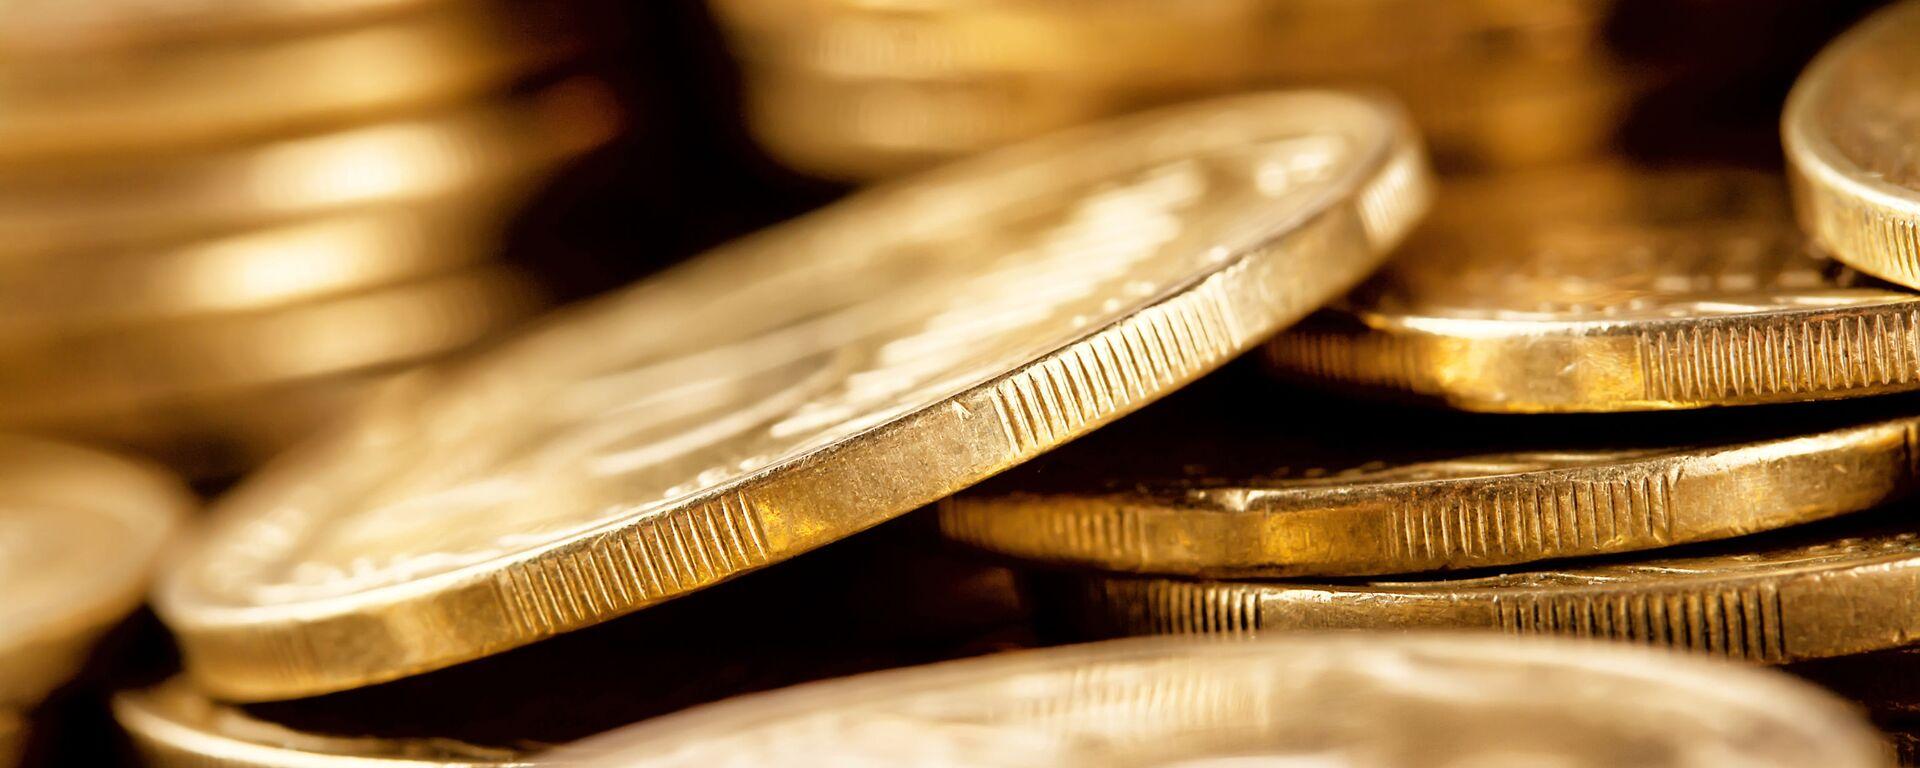 Monete d'oro - Sputnik Italia, 1920, 12.11.2020